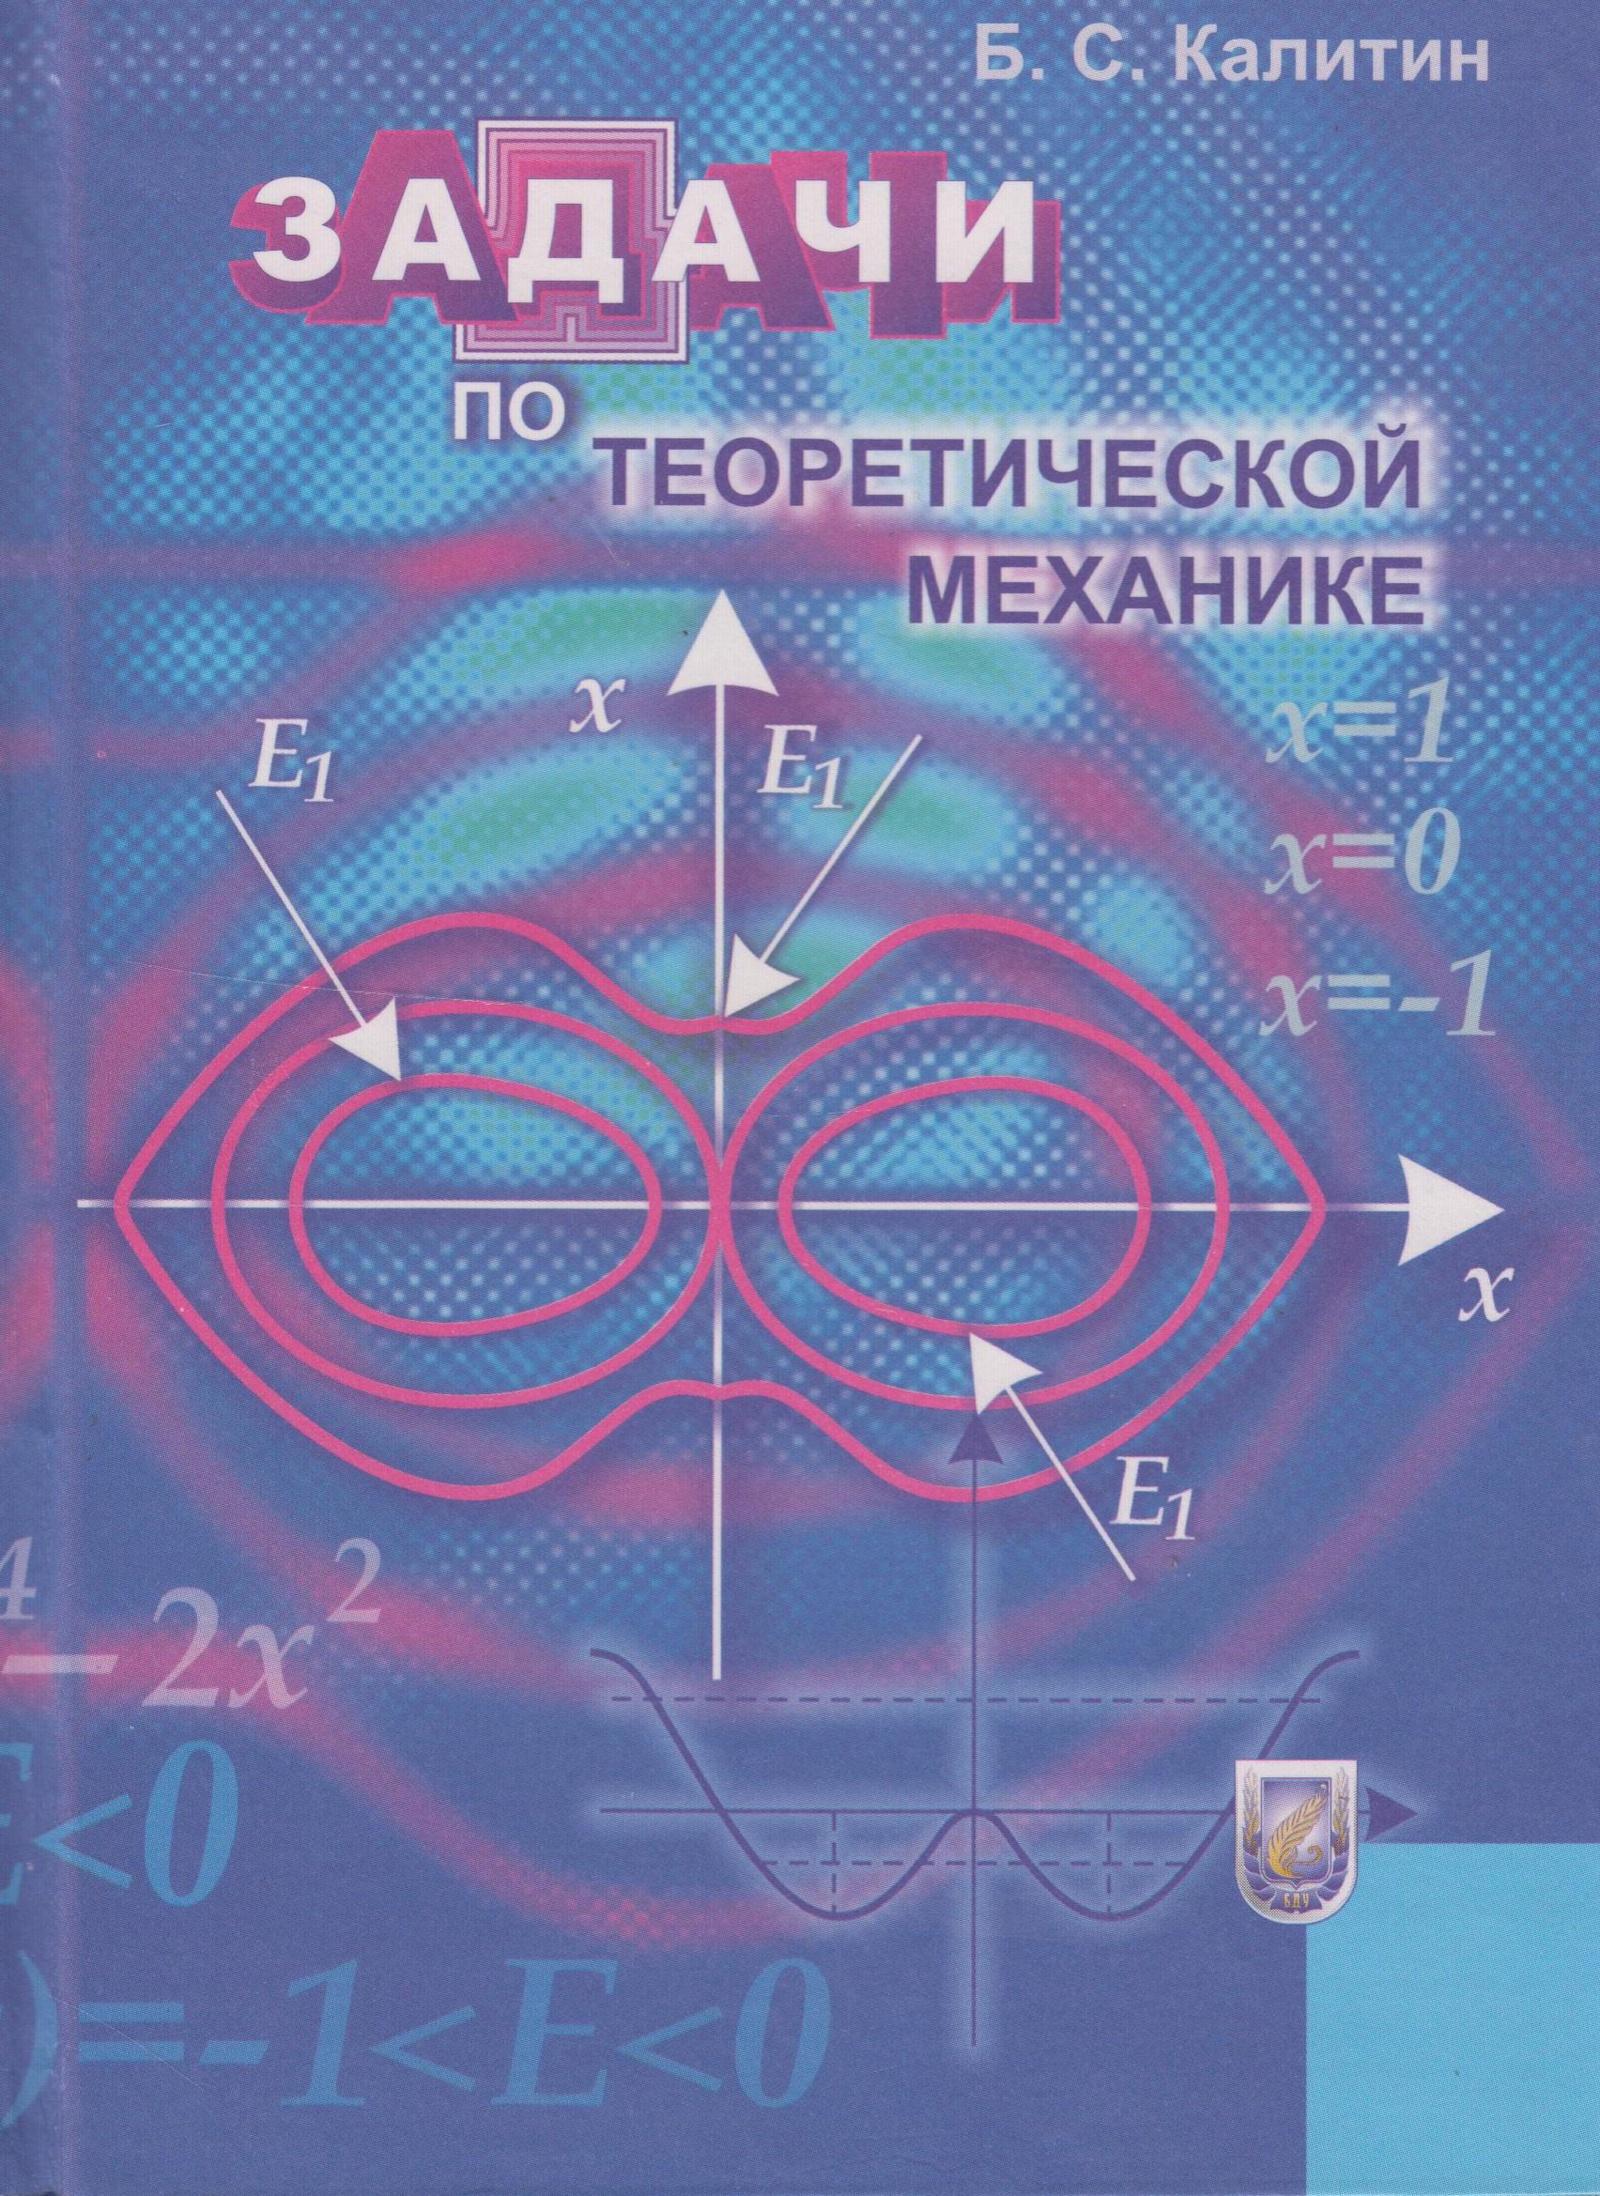 Калитин Борис Сергеевич Задачи по теоретической механике т а нарута е и лободенко олимпиадные задачи по теоретической механике учебное пособие